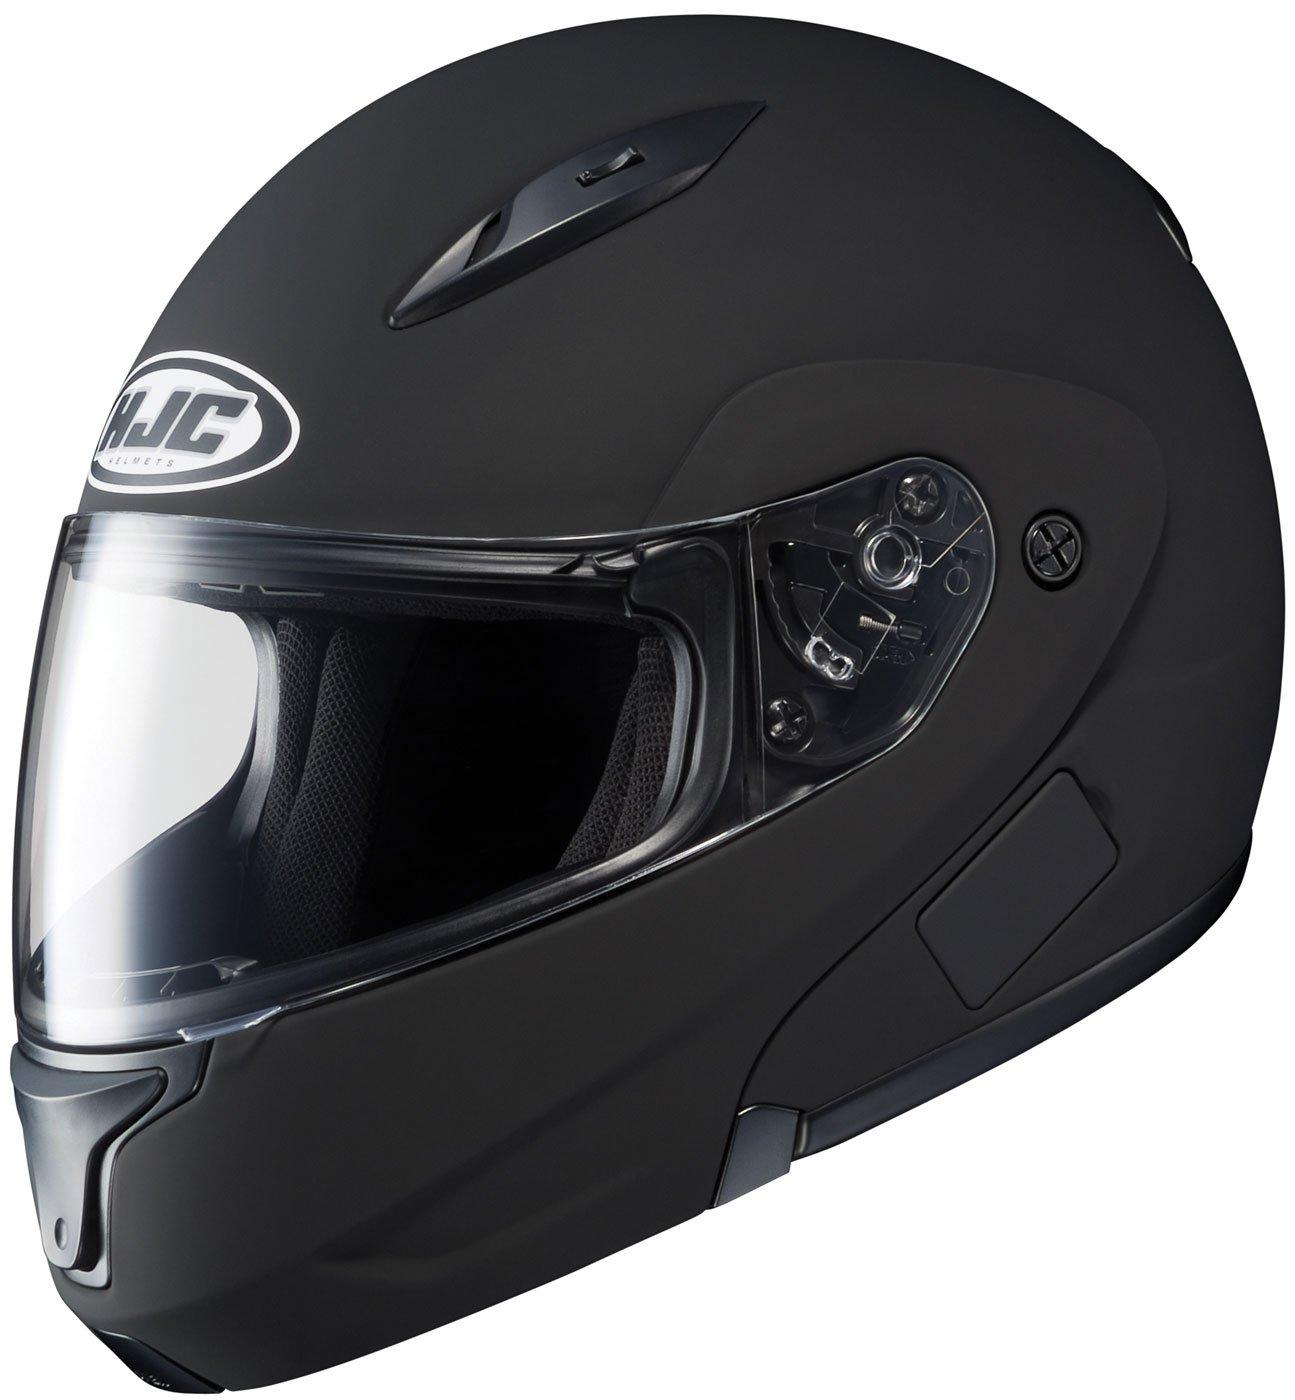 Top 10 Best Bluetooth Motorcycle Helmets 2018 2020 On